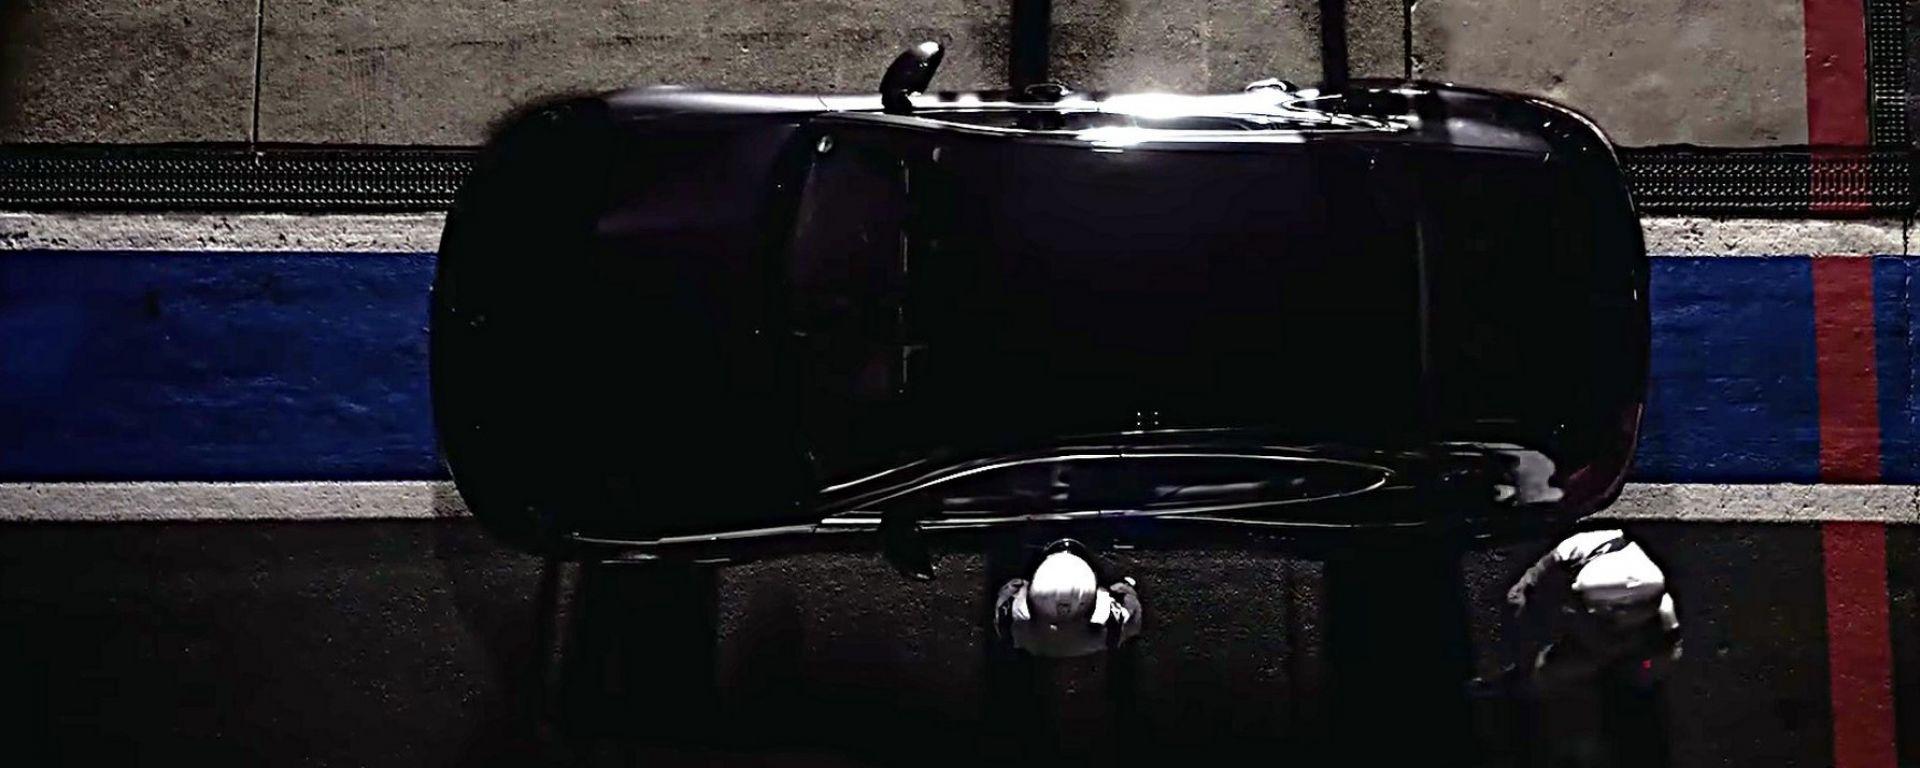 Nuova Porsche Panamera 2017: un video al Nurburgring